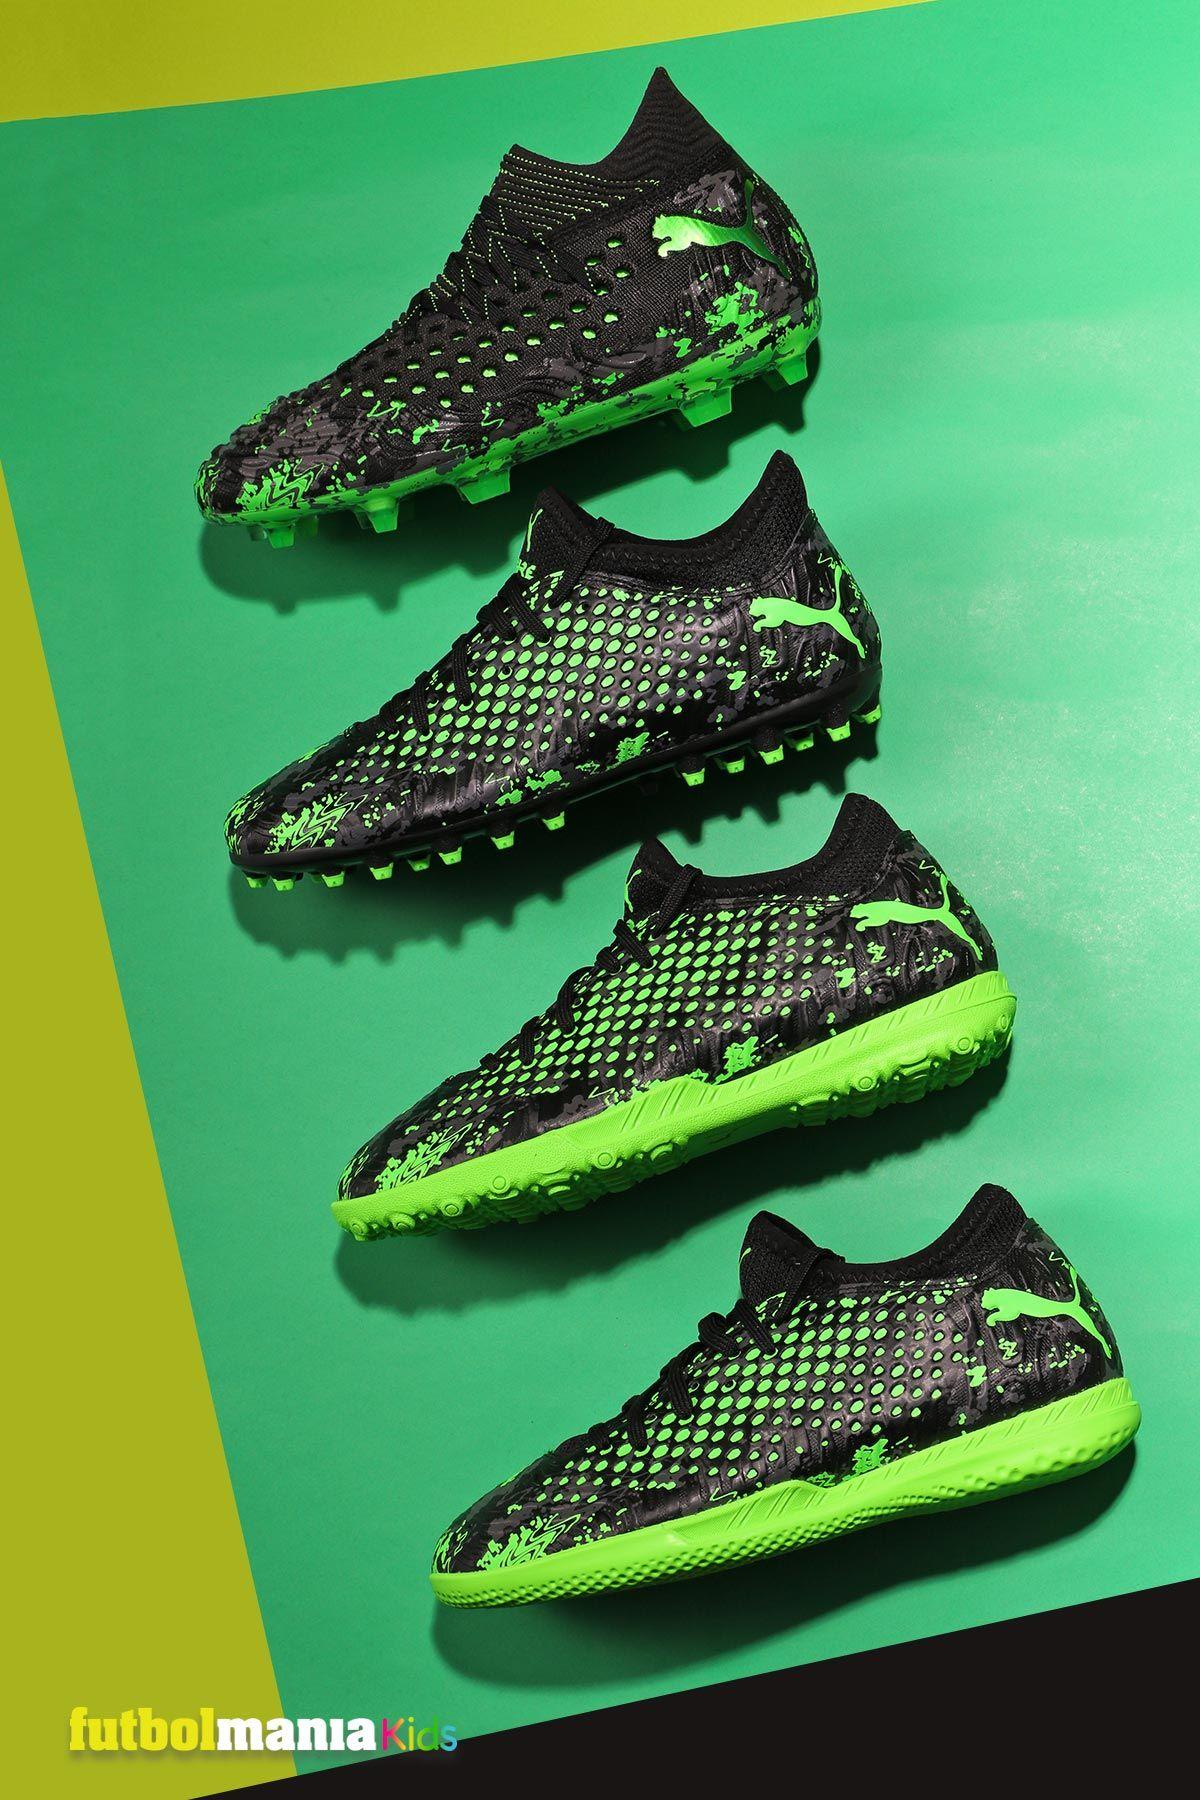 Puma Future 4.4 TT flúor y negro | futbolmania